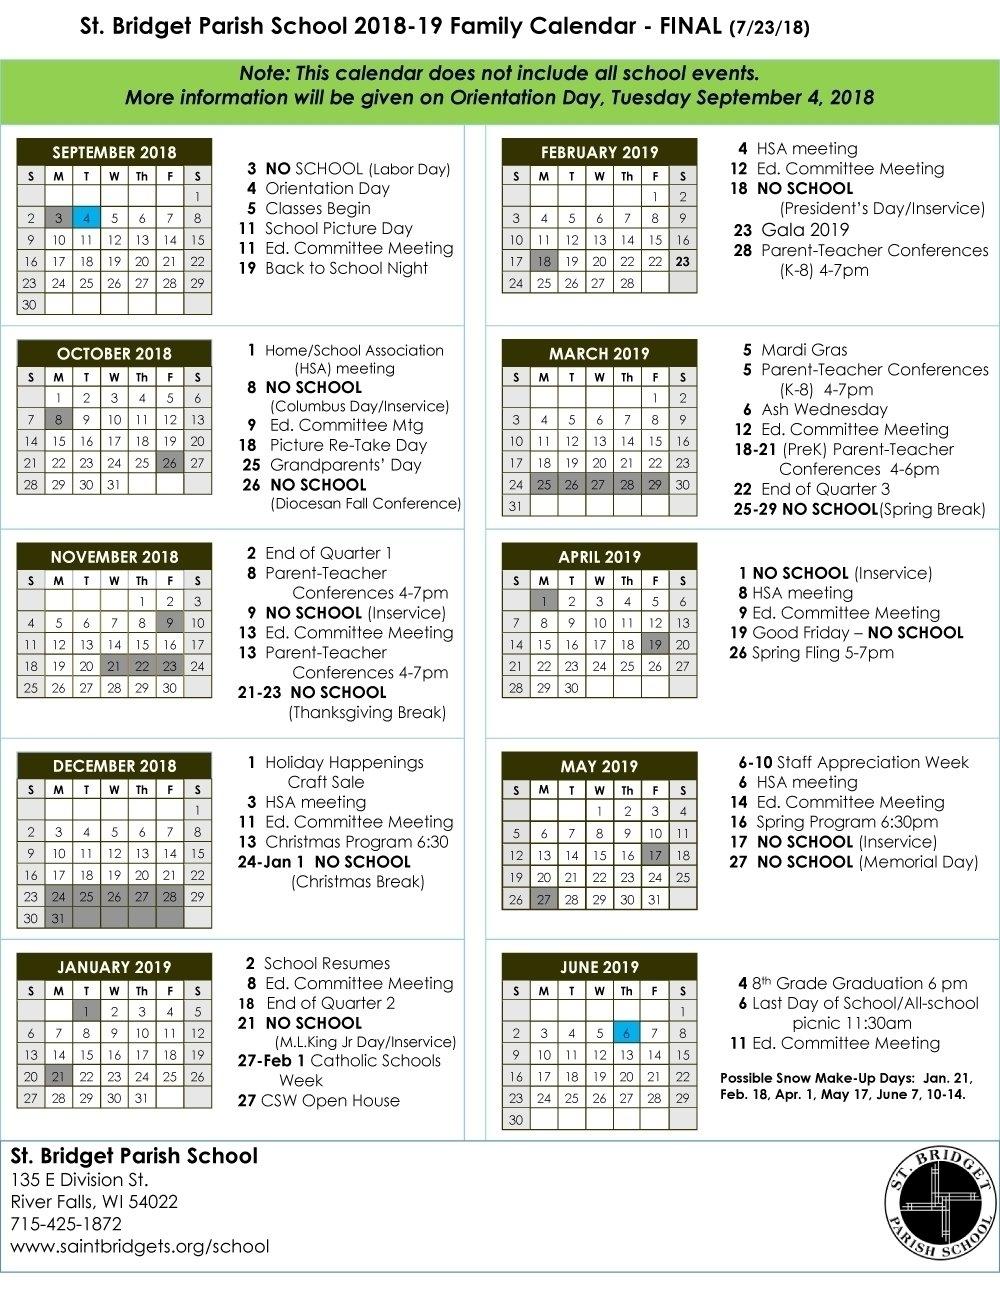 Roman Catholic Liturgical Calendar 2020 Excel Format - Calendar Inspiration Design pertaining to Where To Get 2021 Catholic Calendars Made Graphics